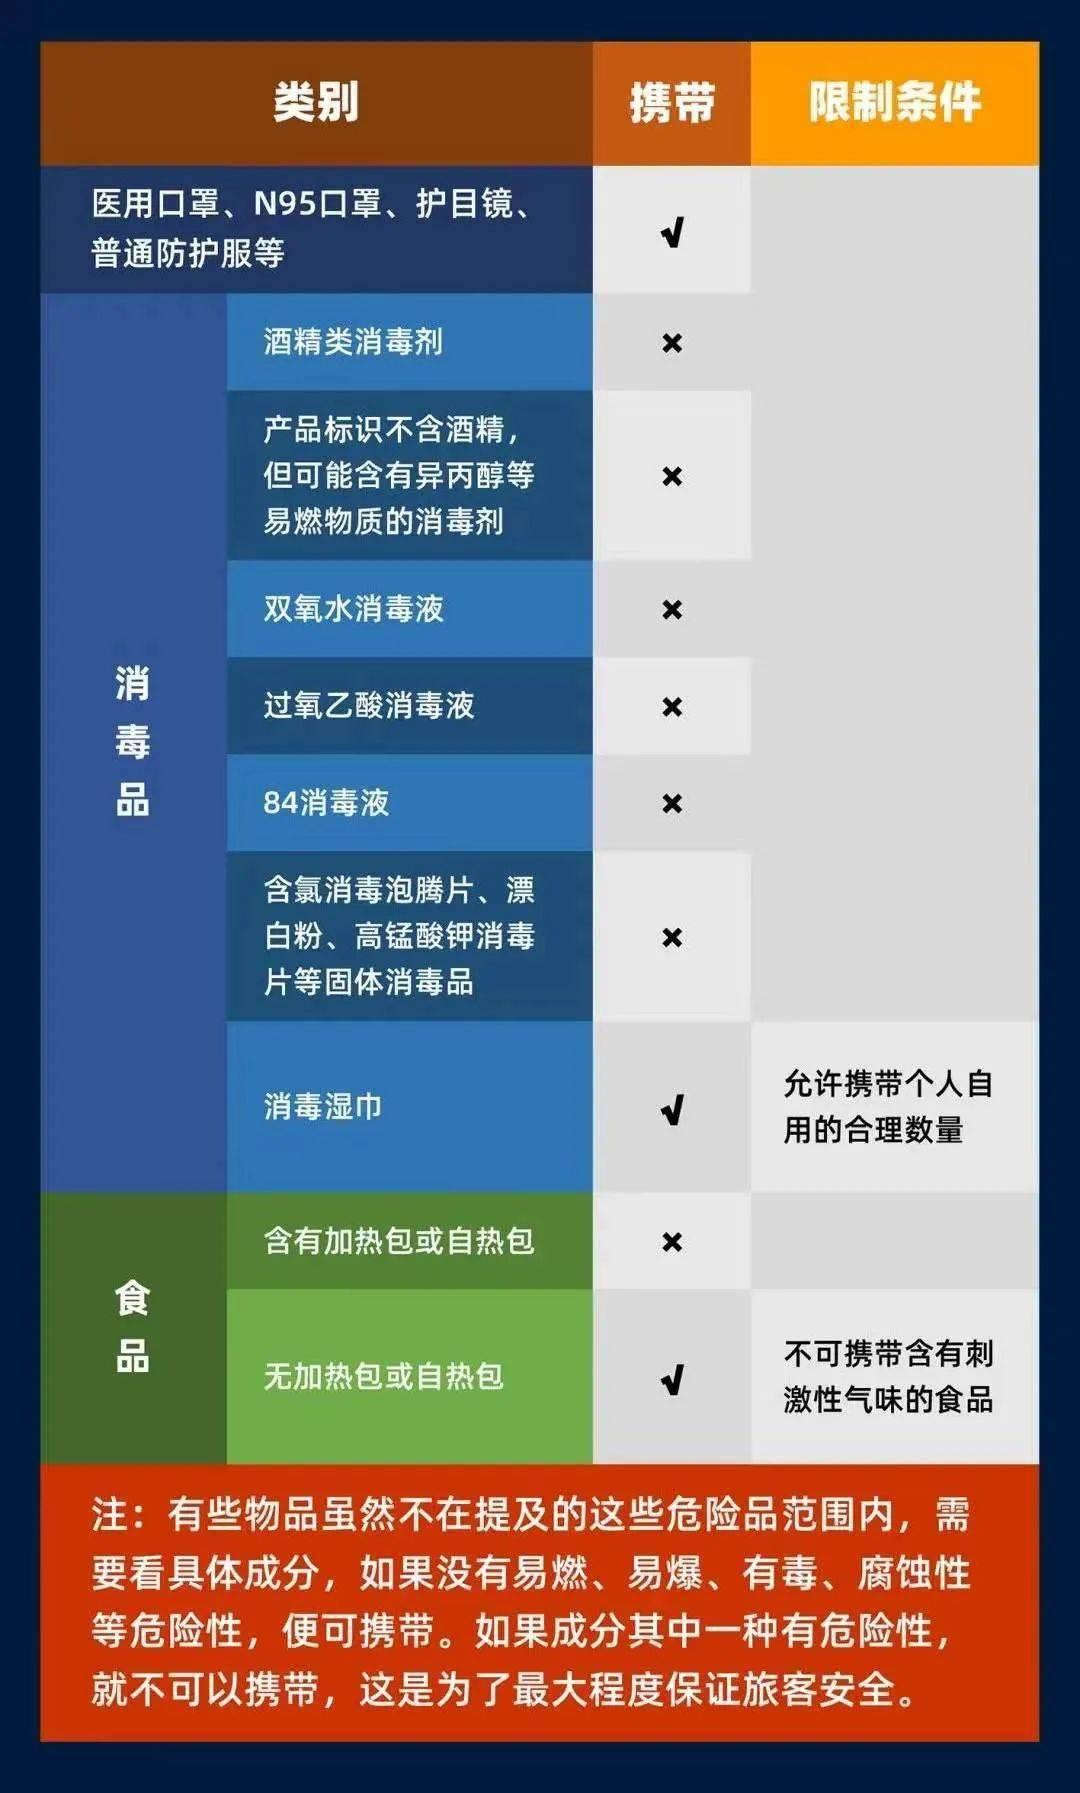 赢咖4娱乐招商-首页【1.1.1】